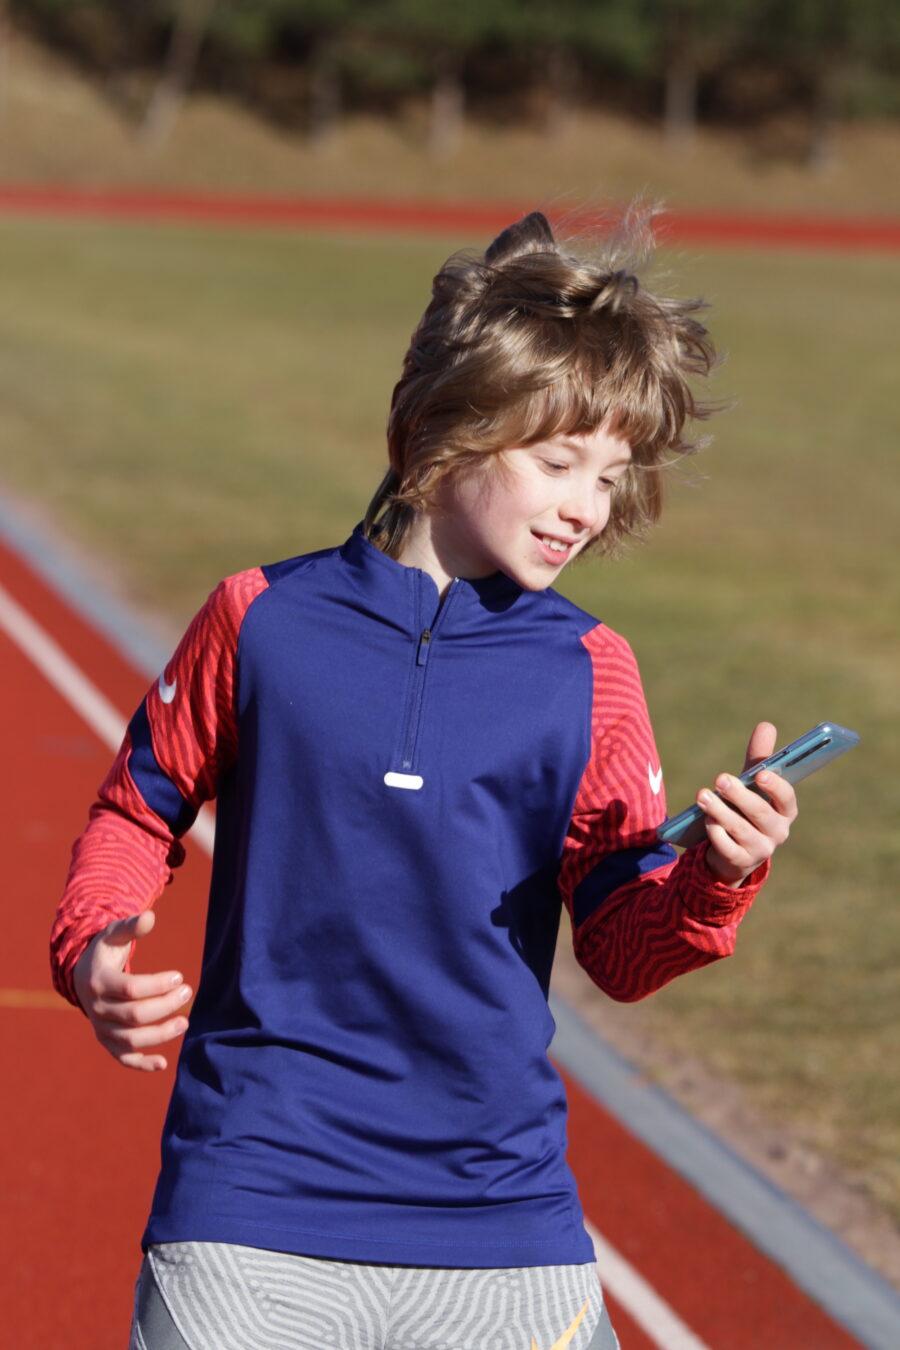 11-vuotias Romulus Peltonen kertoo, että uudesta sovelluksesta saa hyviä vinkkejä alkuverryttelyyn.